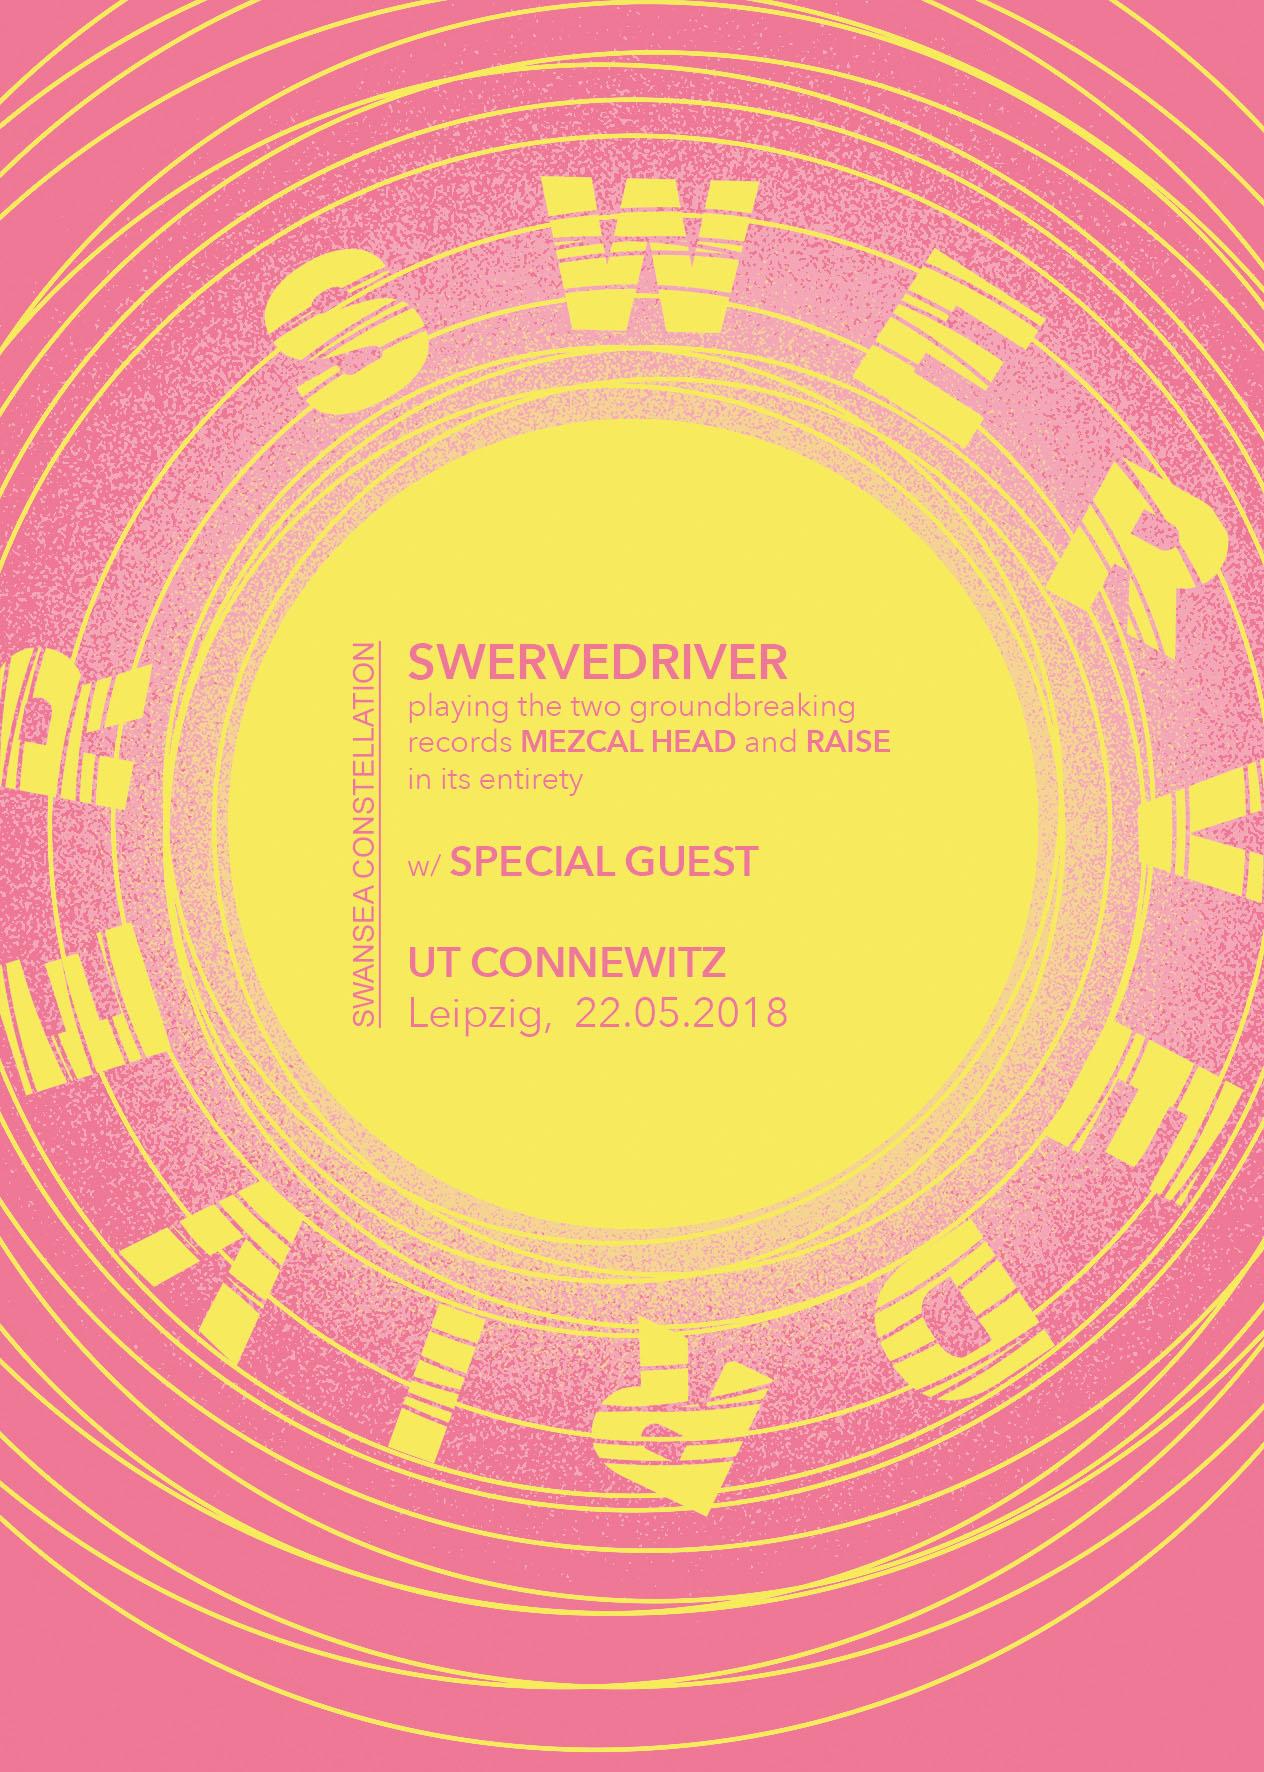 Swerverdriver + Dead Leaf Echo |22.05.2018